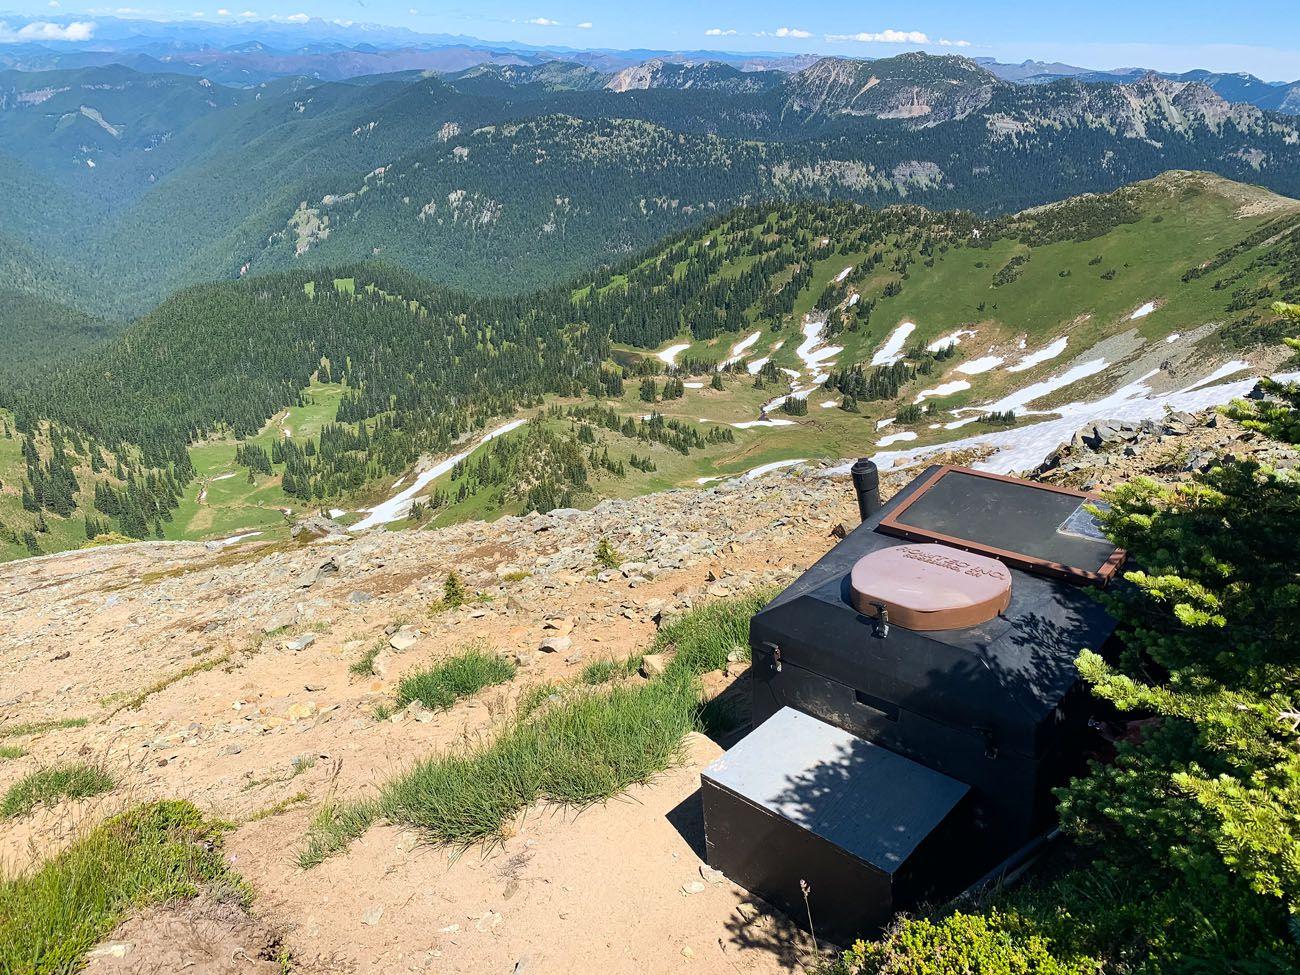 Mount Fremont Pit Toilet